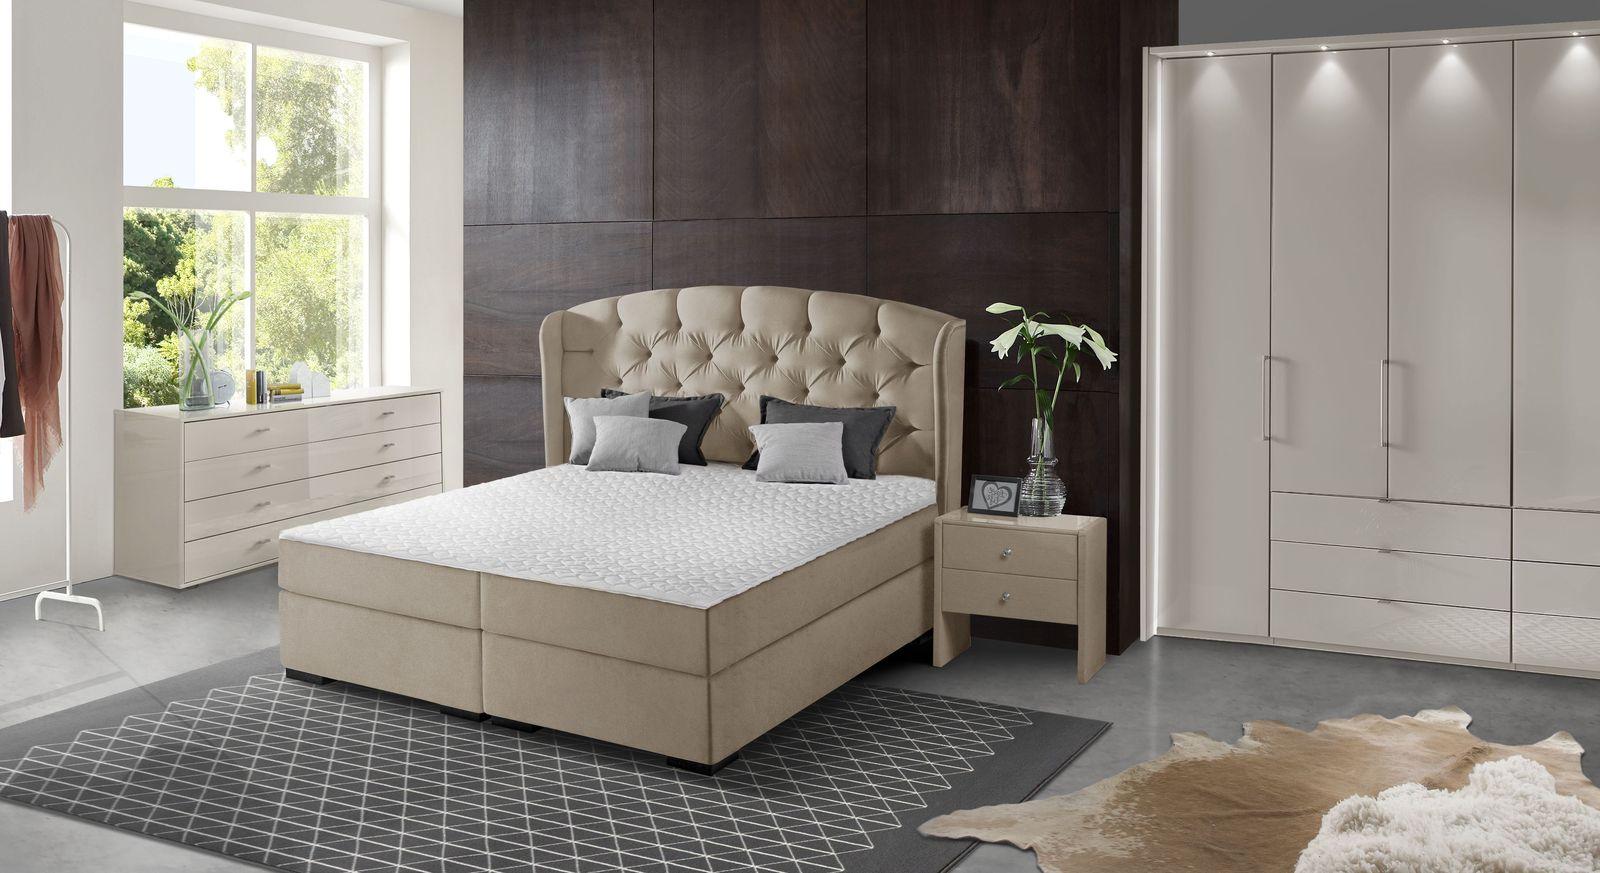 Boxspringbett Nerola mit passender Schlafzimmer-Ausstattung